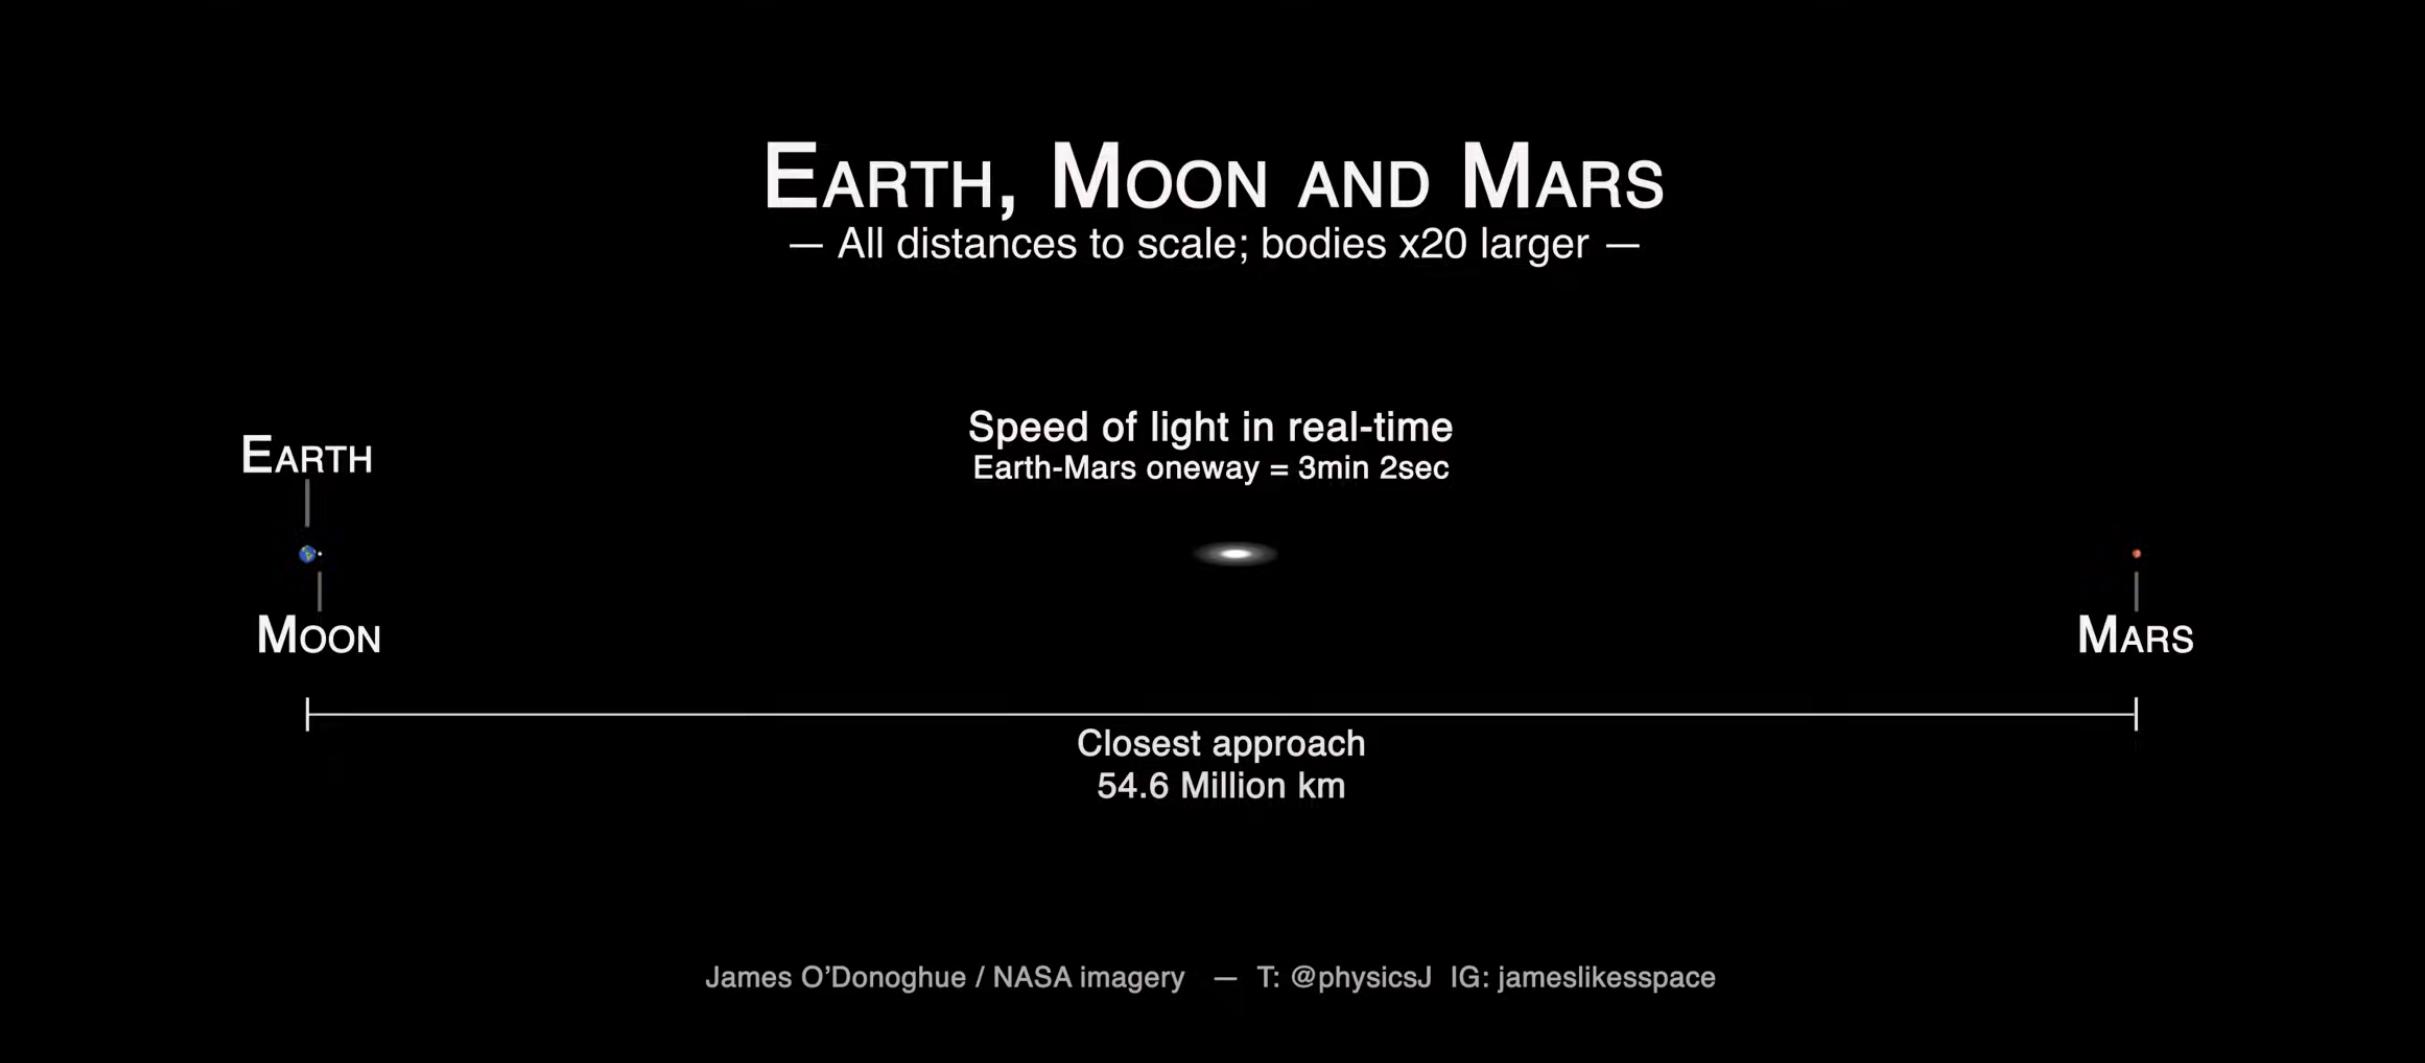 Image Credit: James O'Donoghue / NASA